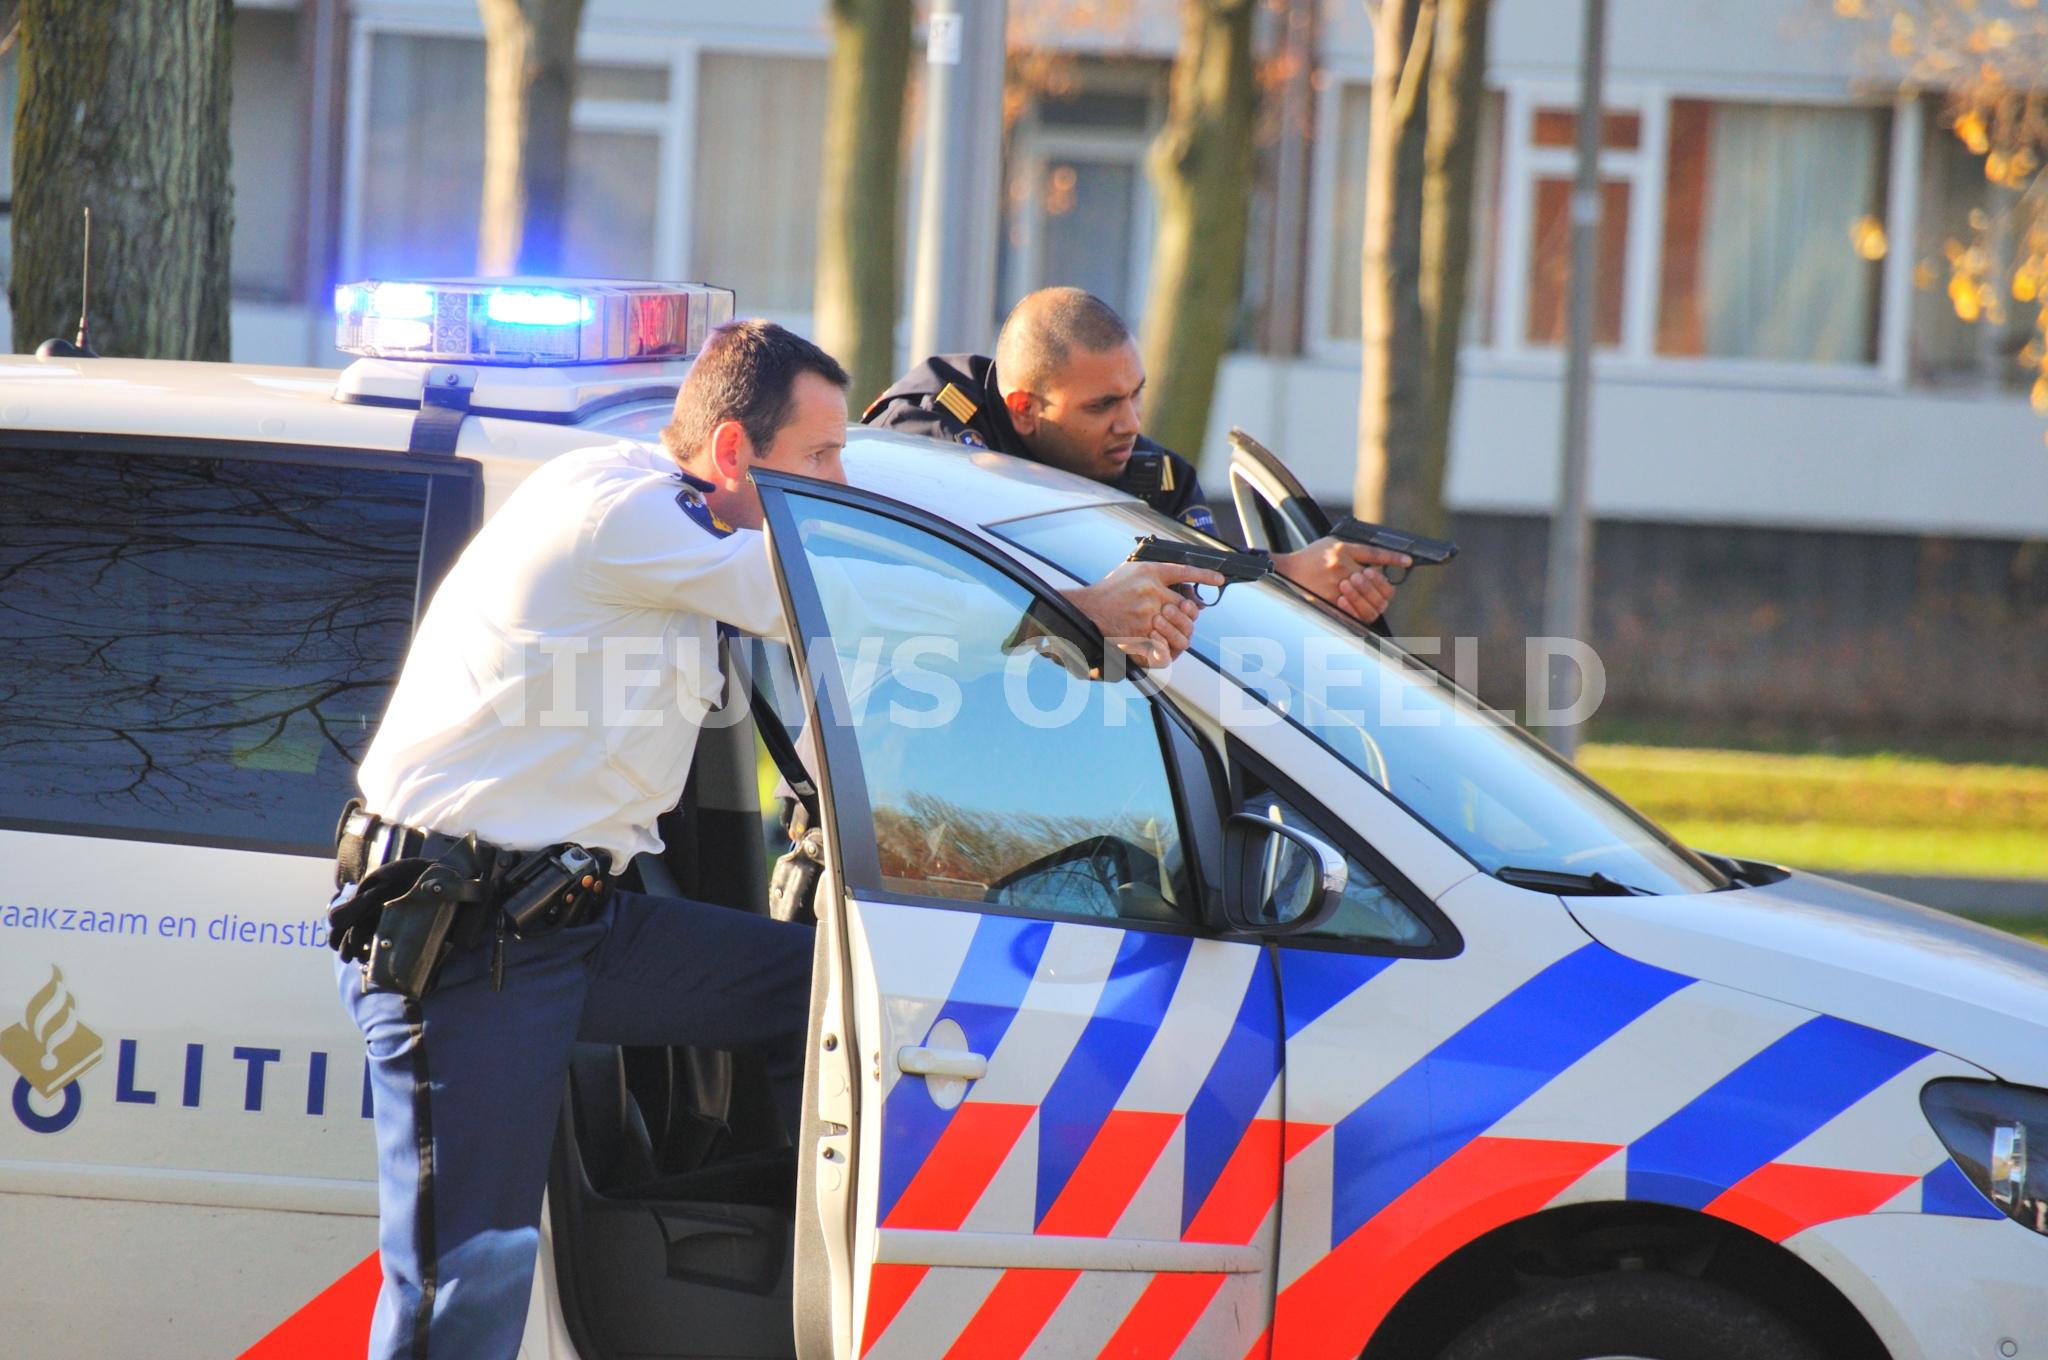 Vijf verdachten aangehouden voor woningoverval Polderstraat Alblasserdam